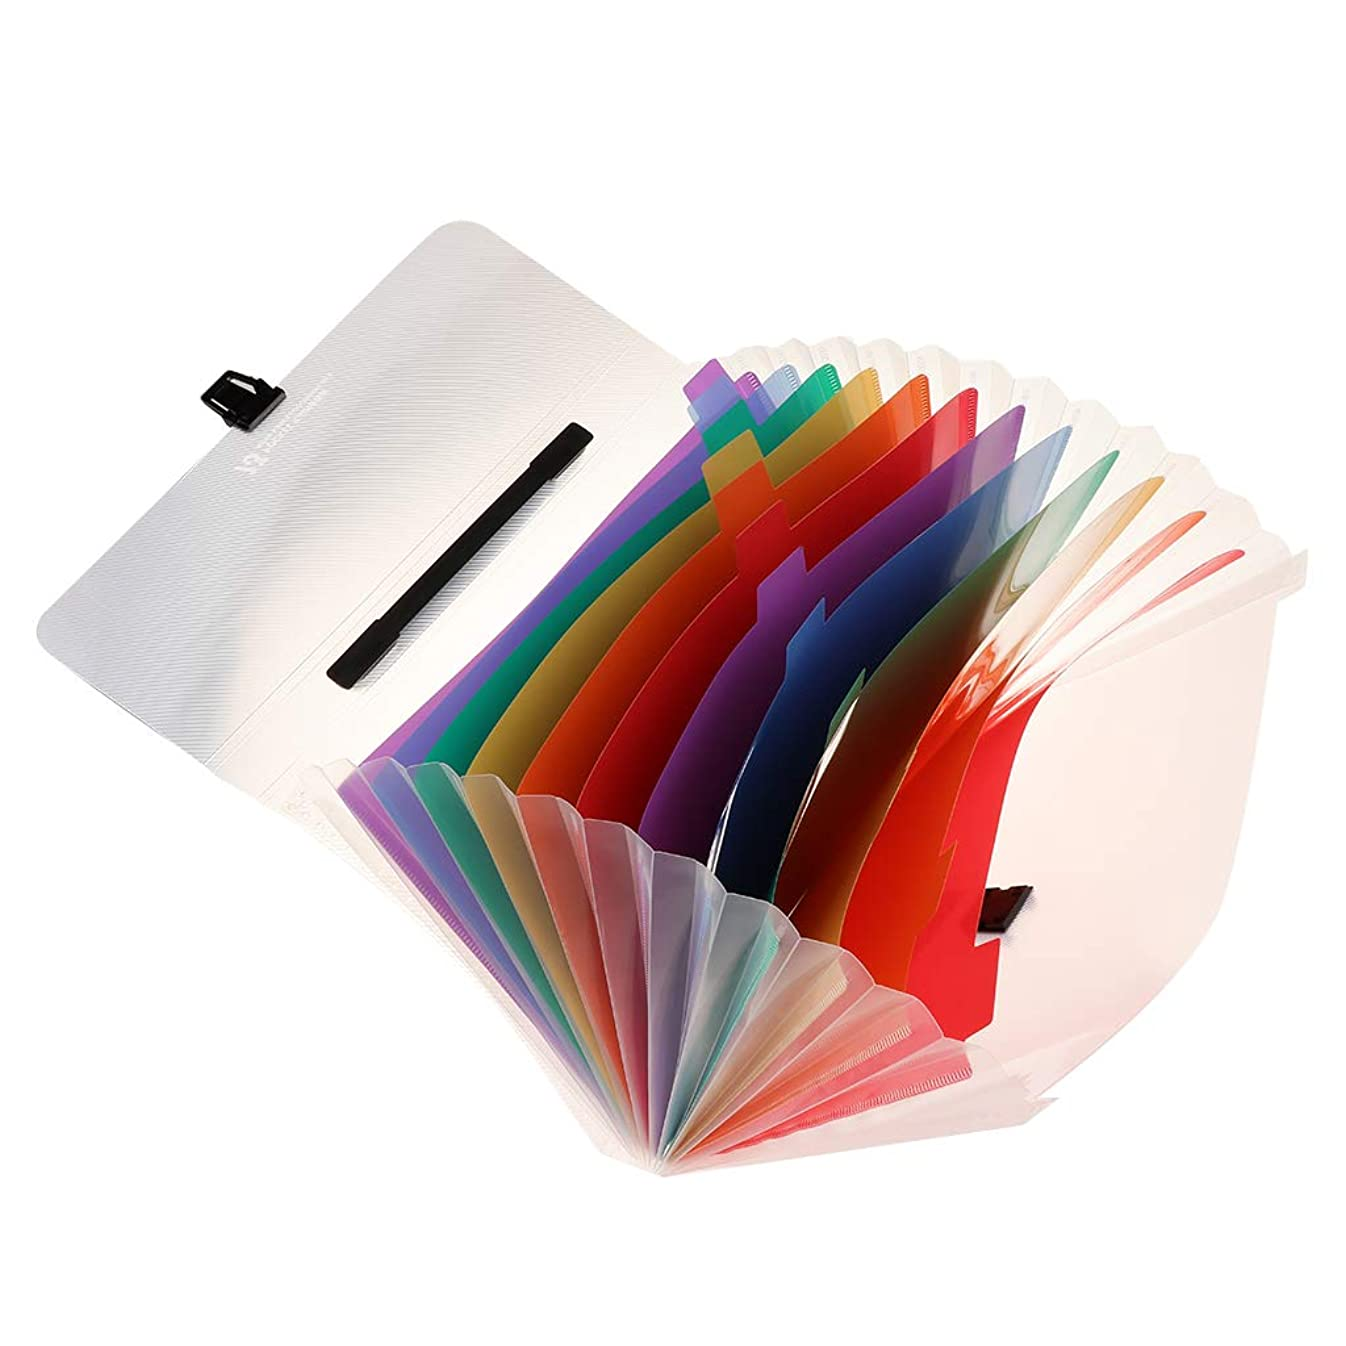 寄稿者ほとんどの場合誰がKESOTO ファイルフォルダー 13ポケット 約1000枚収納可能 多色文字紙収納袋 多機能 持ち運び便利 高品質 耐久性